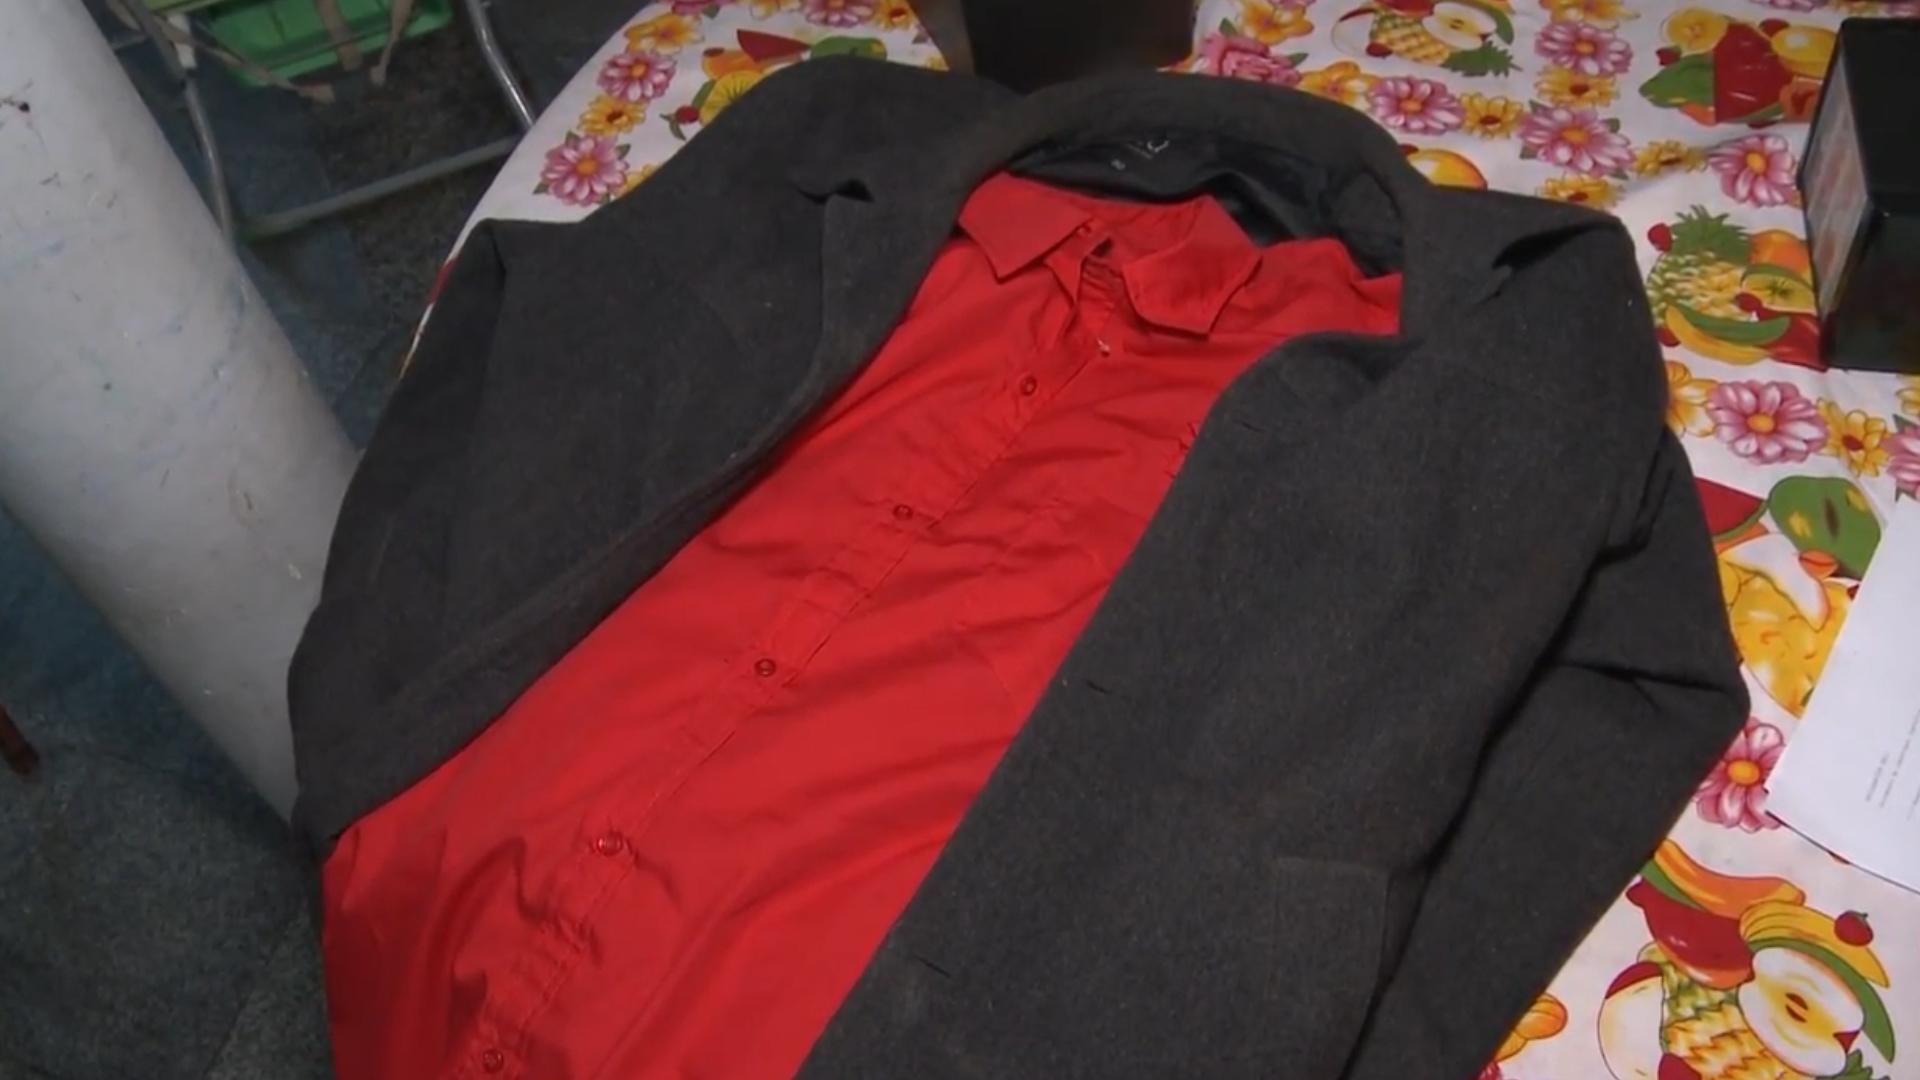 """El saco negro largo y la camisa roja que solía vestir el manosanta durante los ritos de """"limpieza""""."""